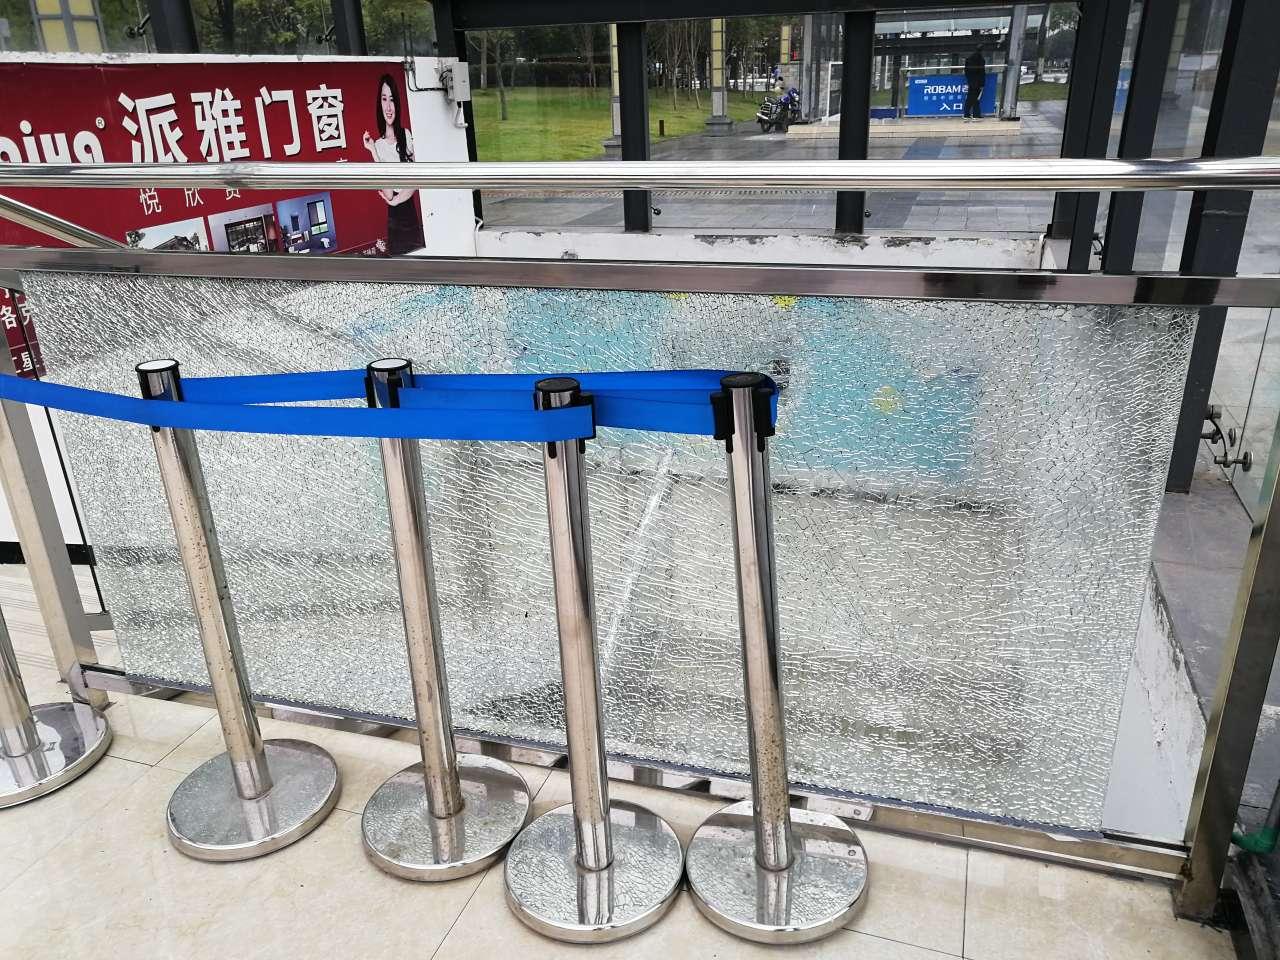 梁平政府广场中间3号出口玻璃碎了,几个月咋还没修好?